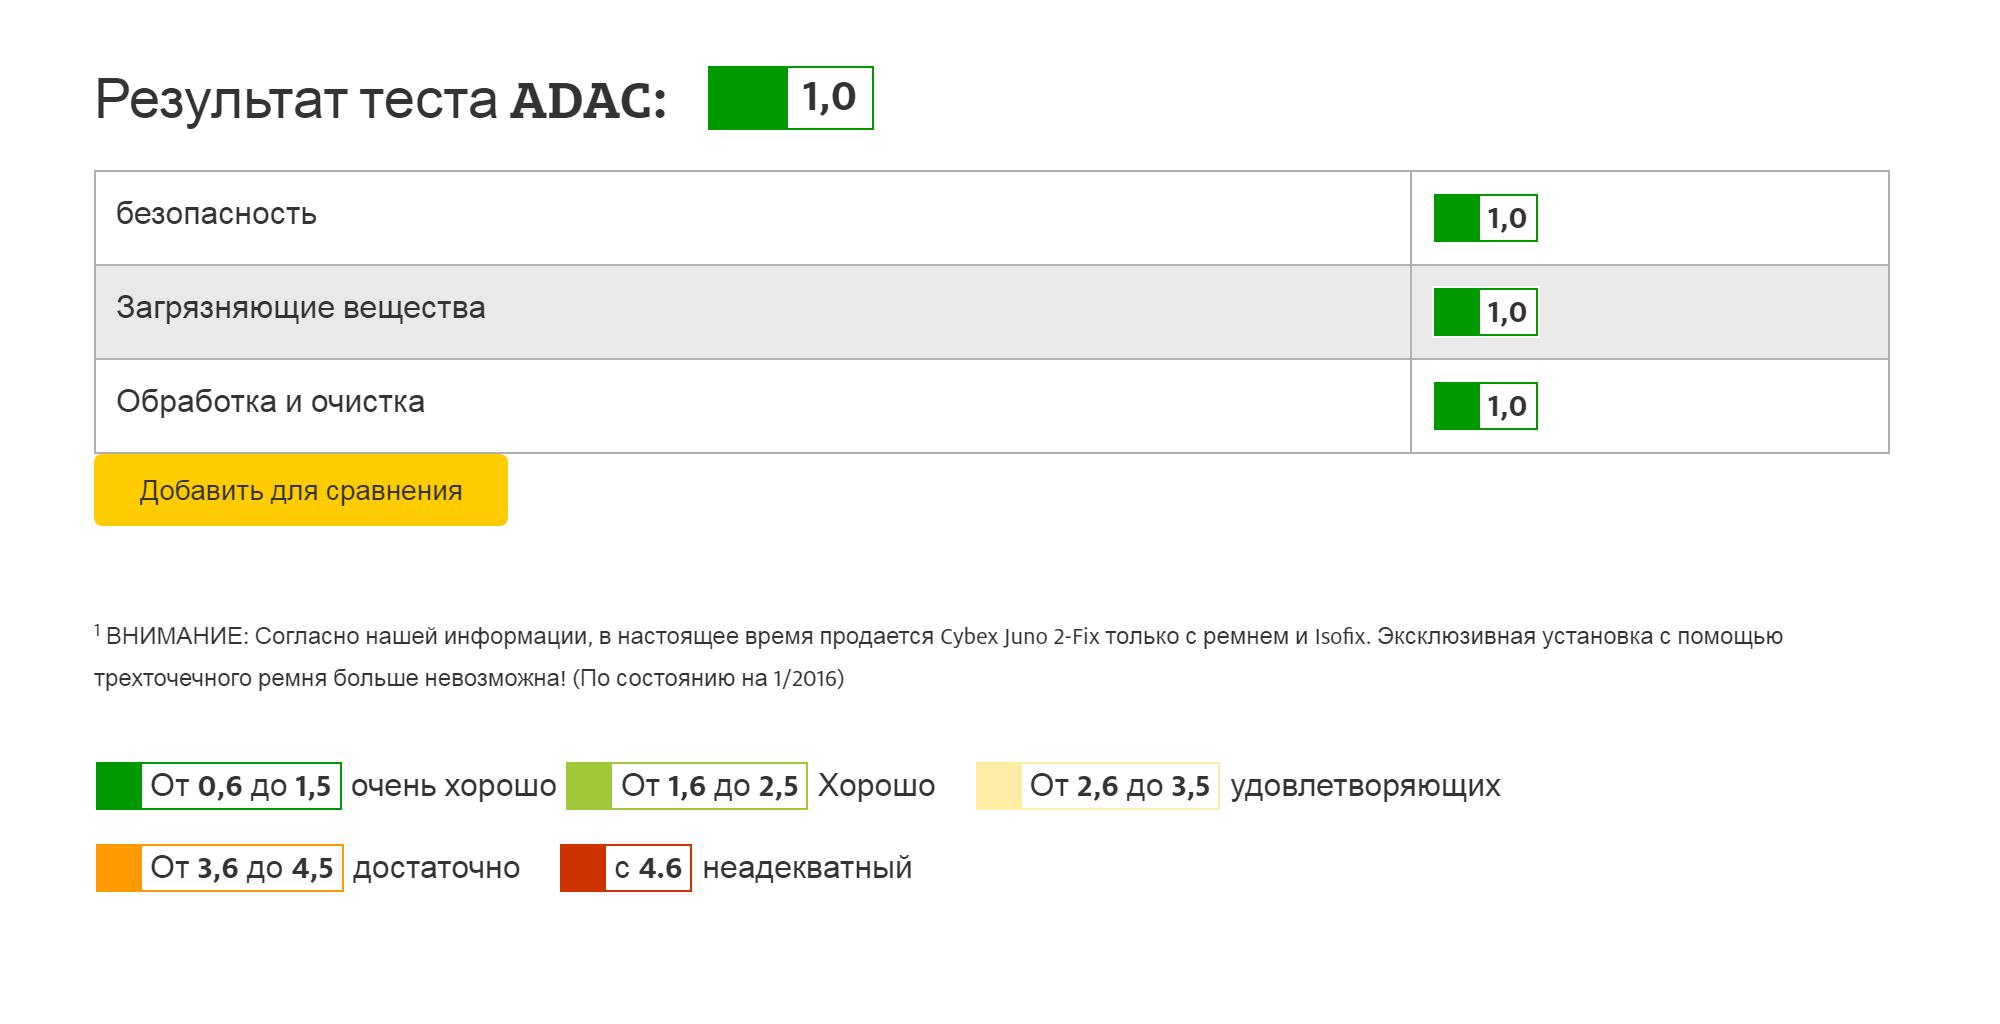 Так выглядит оценка нашего кресла на сайте ADAC — 1.0 или «очень хорошо»